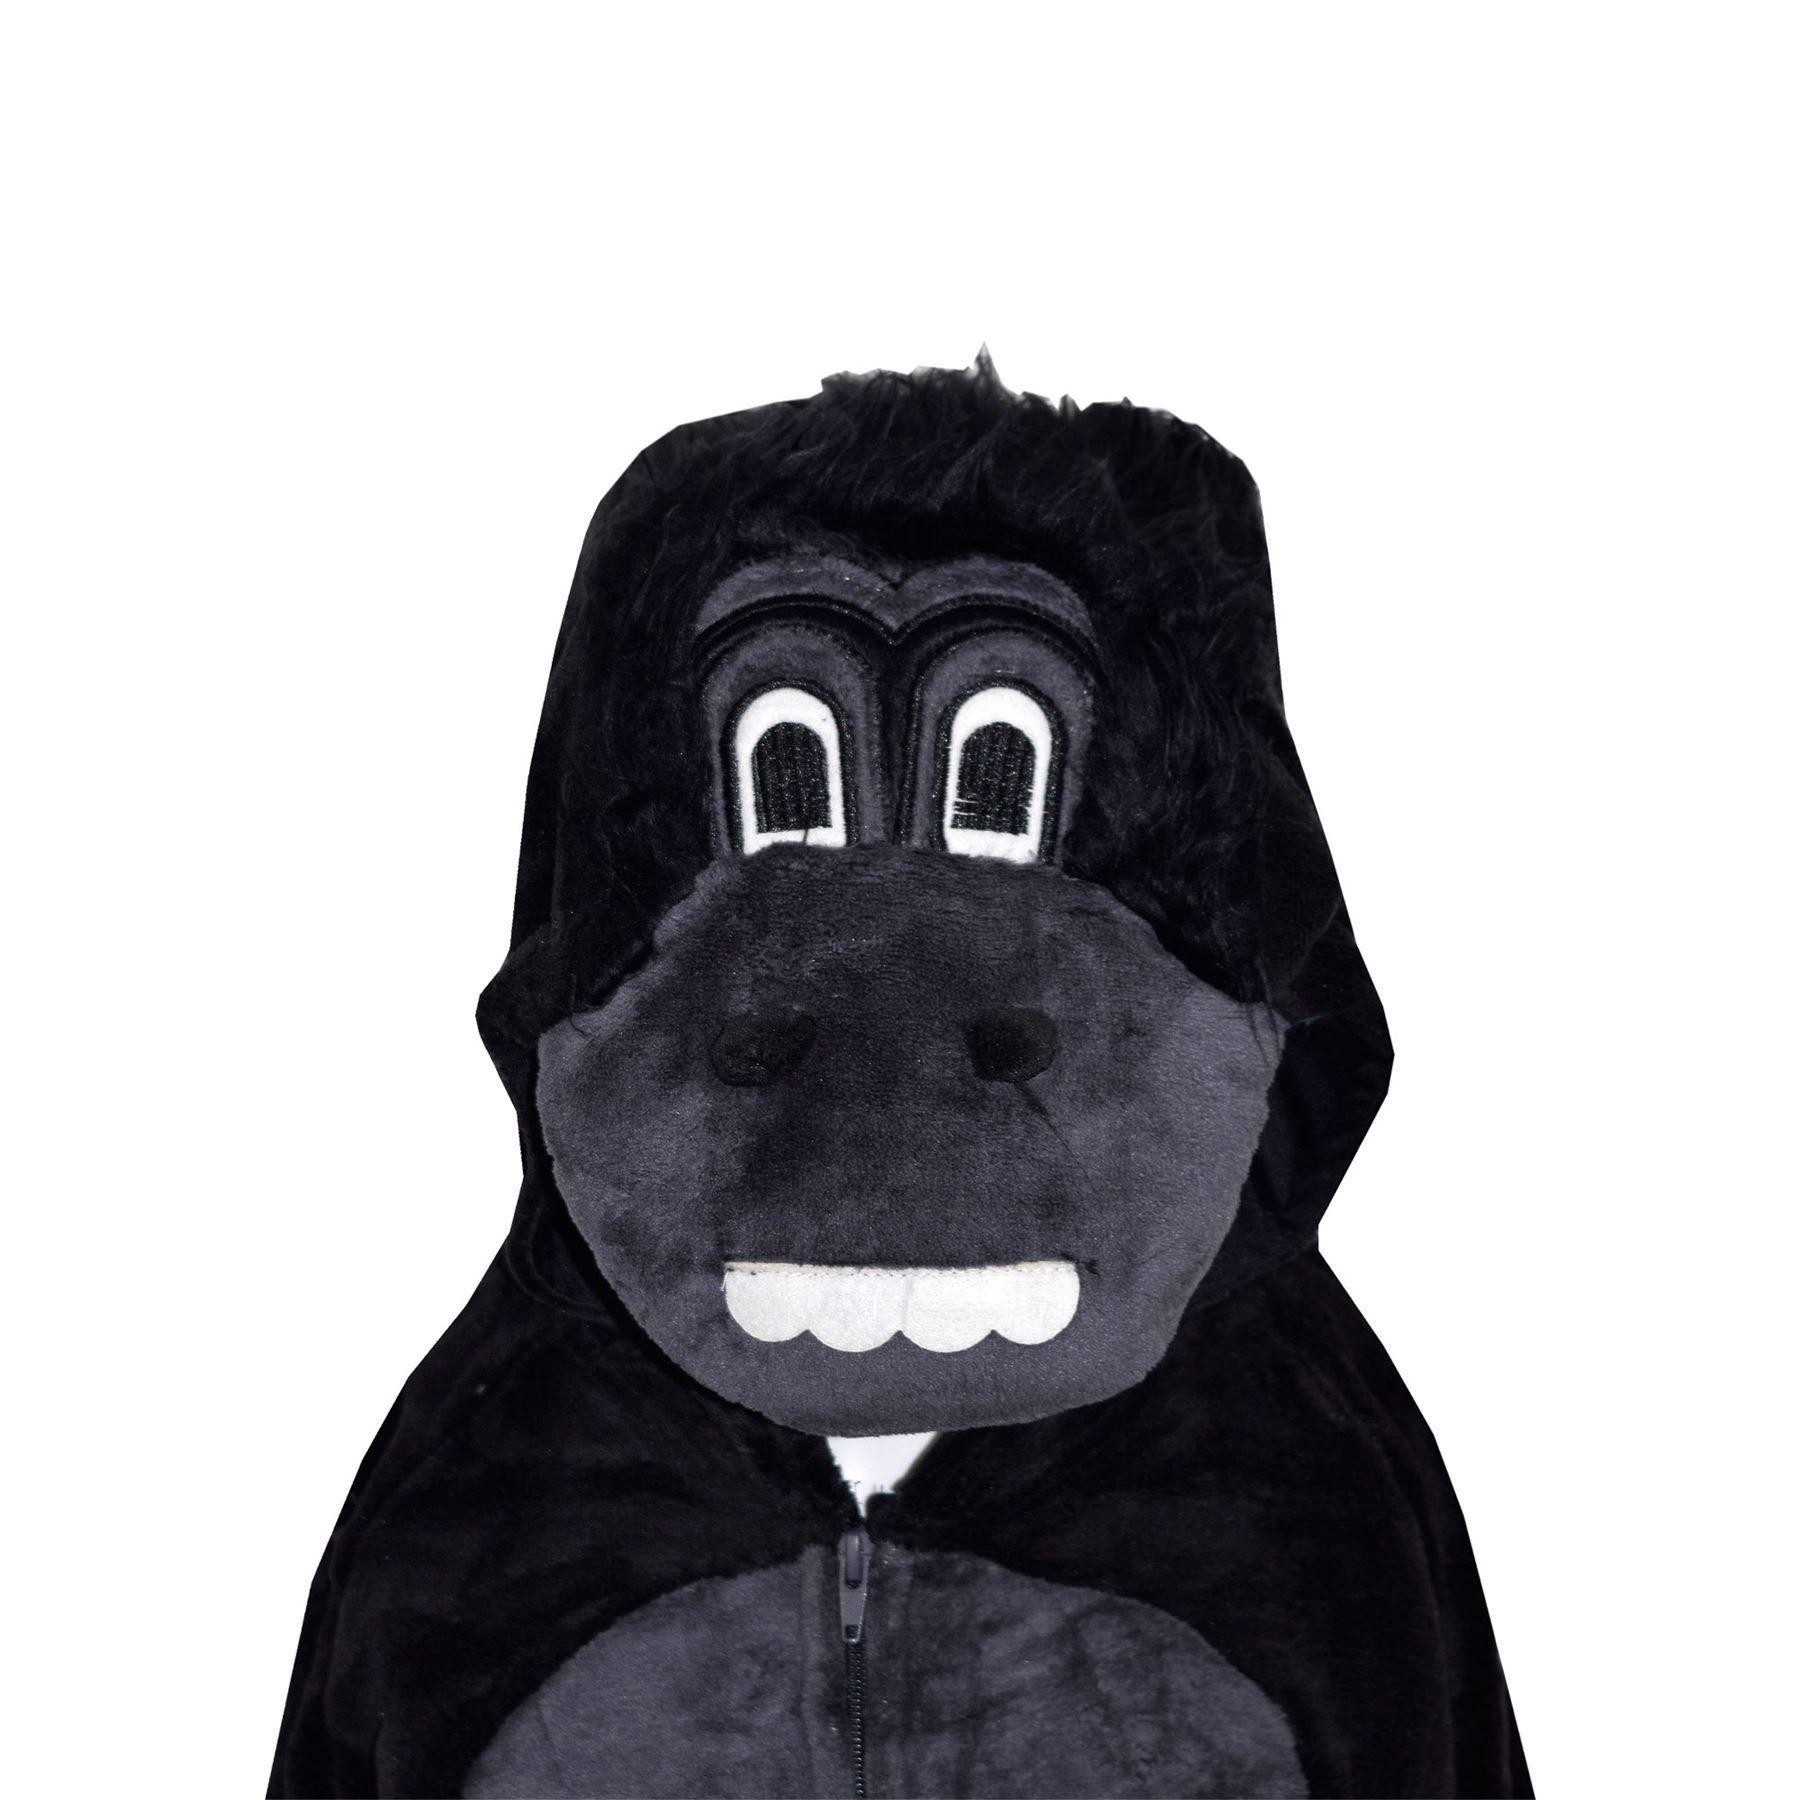 Kids-Girls-Boys-Soft-Fluffy-Animal-Monkey-A2Z-Onesie-One-Piece-Halloween-Costume miniatuur 22